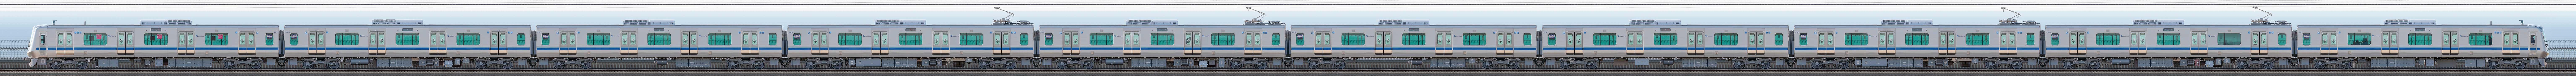 小田急5000形5051×10(海側)の編成サイドビュー